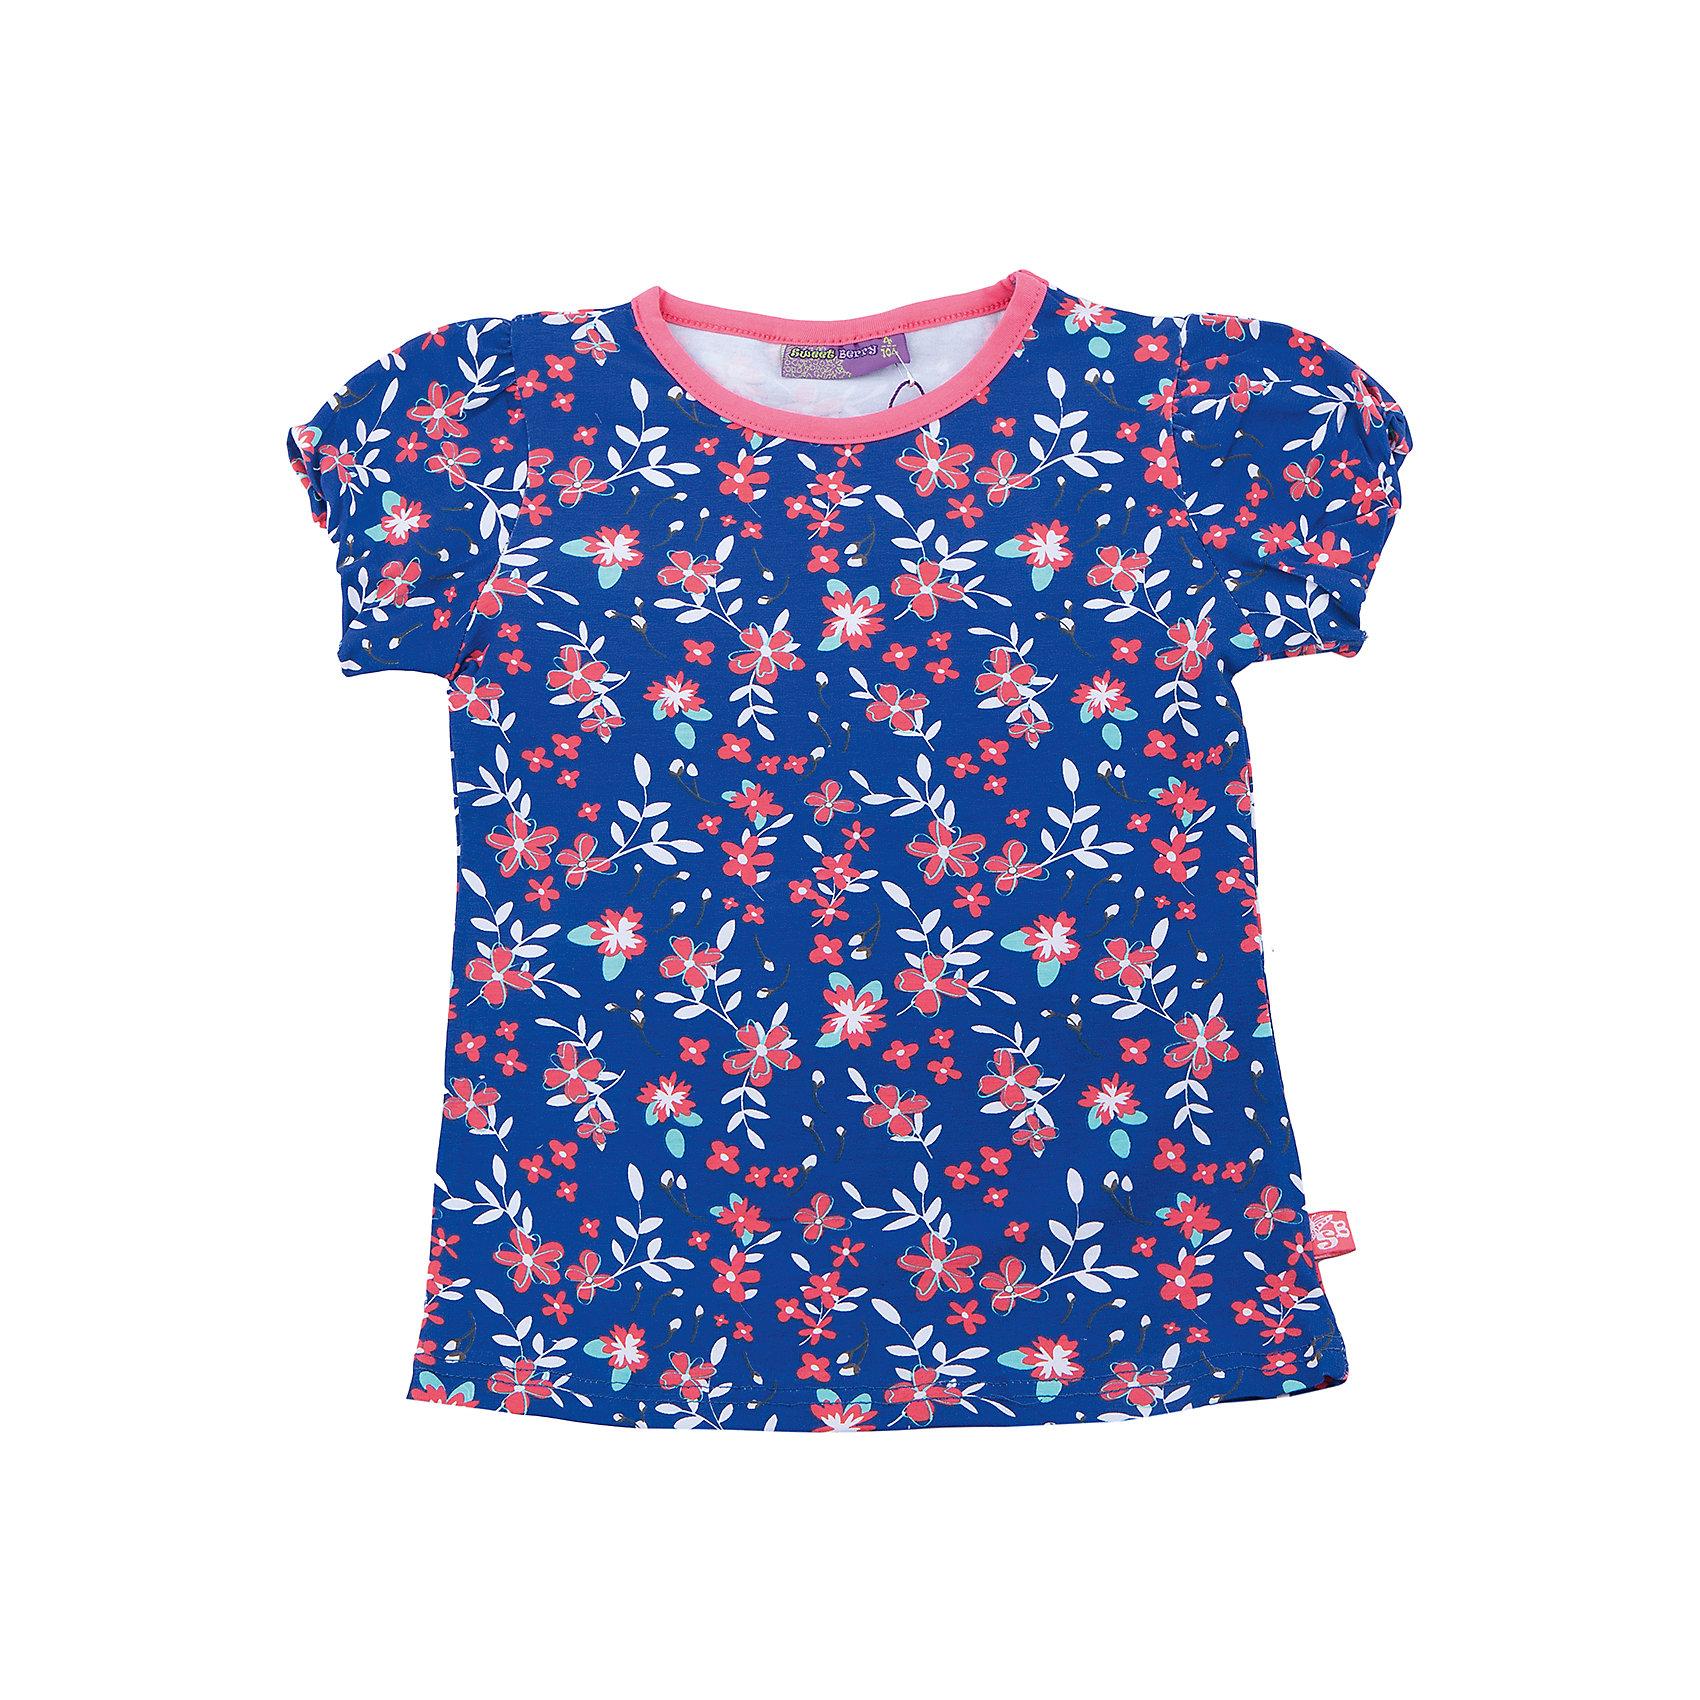 Футболка для девочки Sweet BerryФутболки, поло и топы<br>Трикотажная футболка для девочки с цветочным принтом. Приталенный крой. Короткие рукава.<br>Состав:<br>95%хлопок 5%эластан<br><br>Ширина мм: 199<br>Глубина мм: 10<br>Высота мм: 161<br>Вес г: 151<br>Цвет: синий<br>Возраст от месяцев: 36<br>Возраст до месяцев: 48<br>Пол: Женский<br>Возраст: Детский<br>Размер: 104,98,110,116,122,128<br>SKU: 5412265